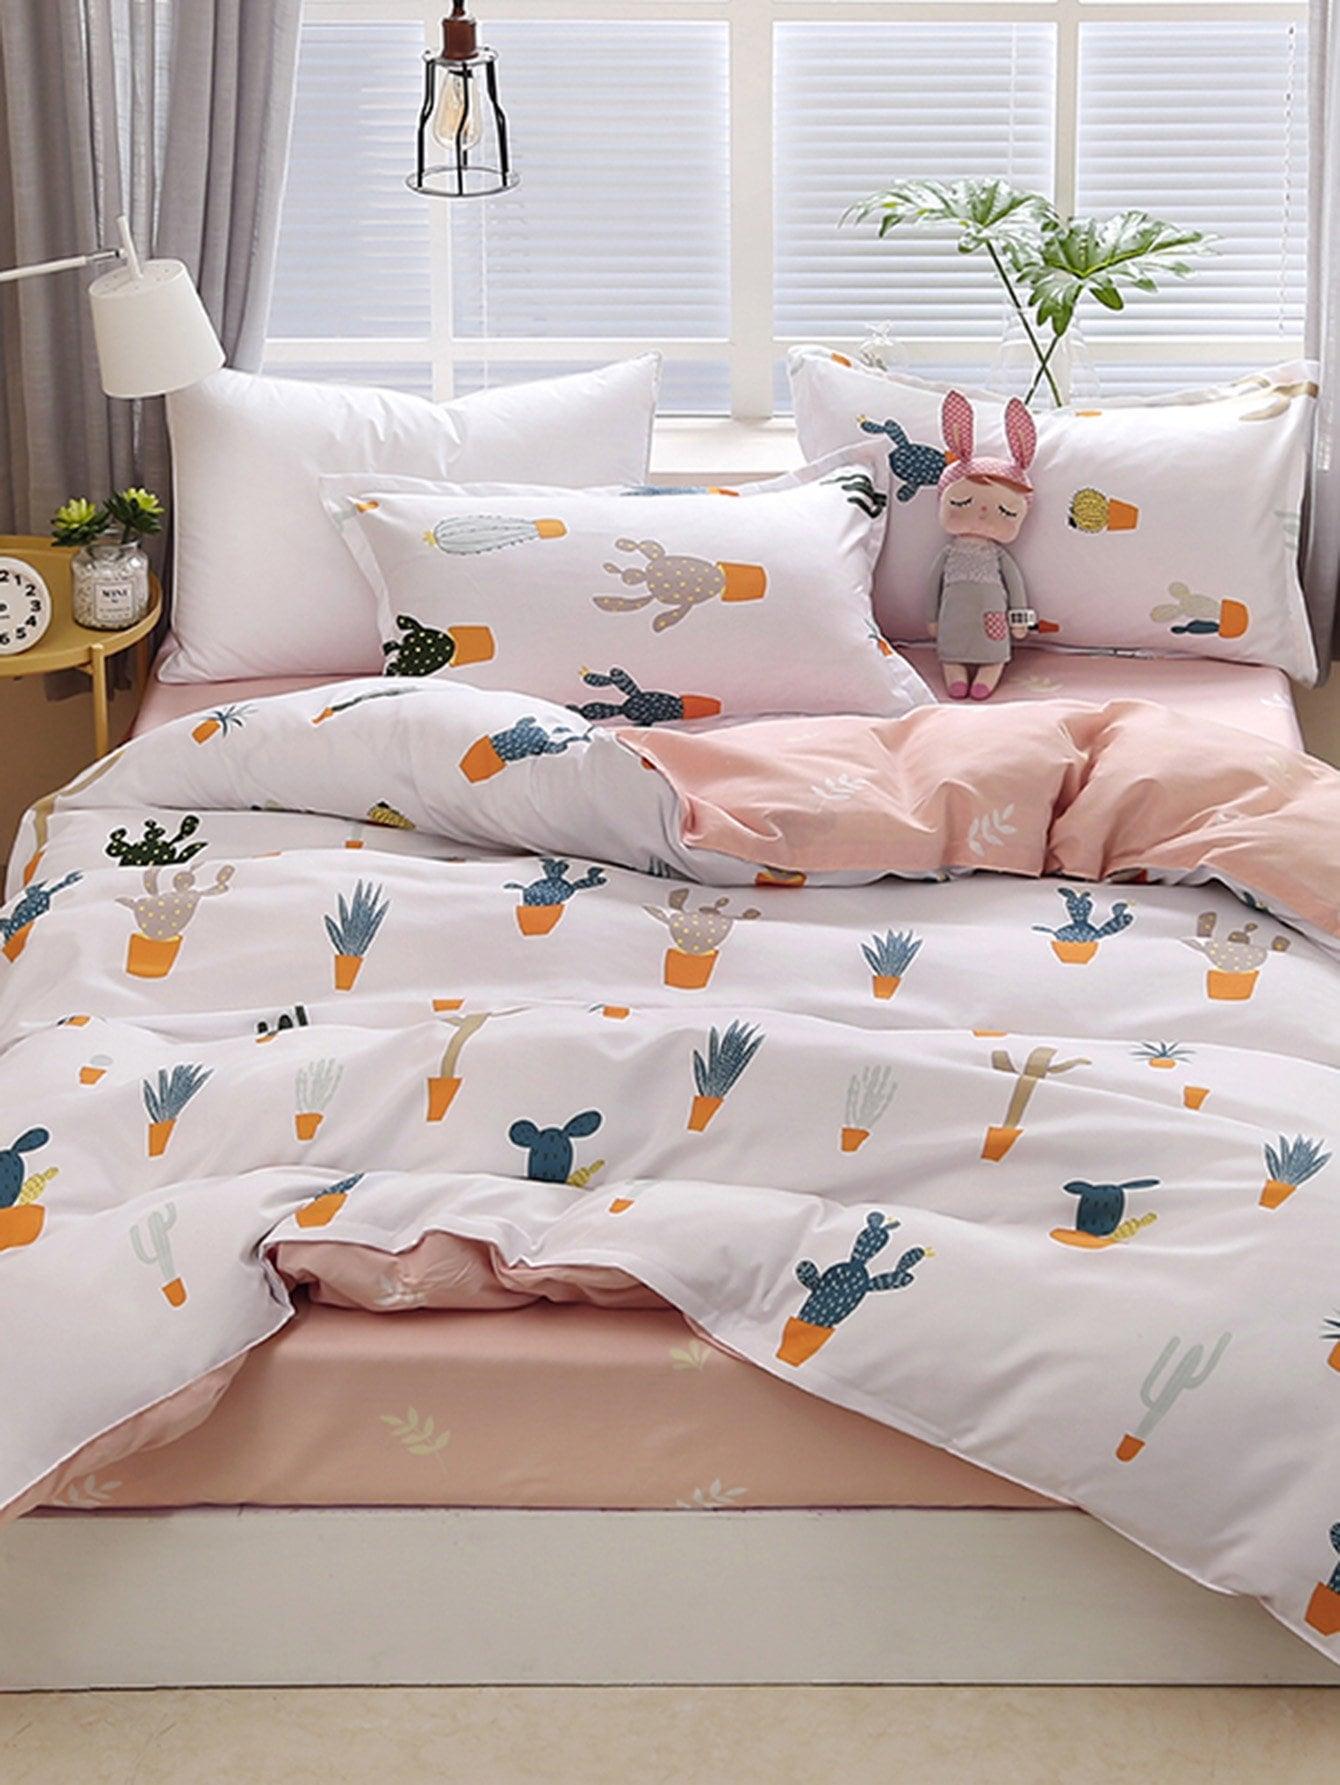 Купить Комплект постельного белья полоски и кактус, null, SheIn